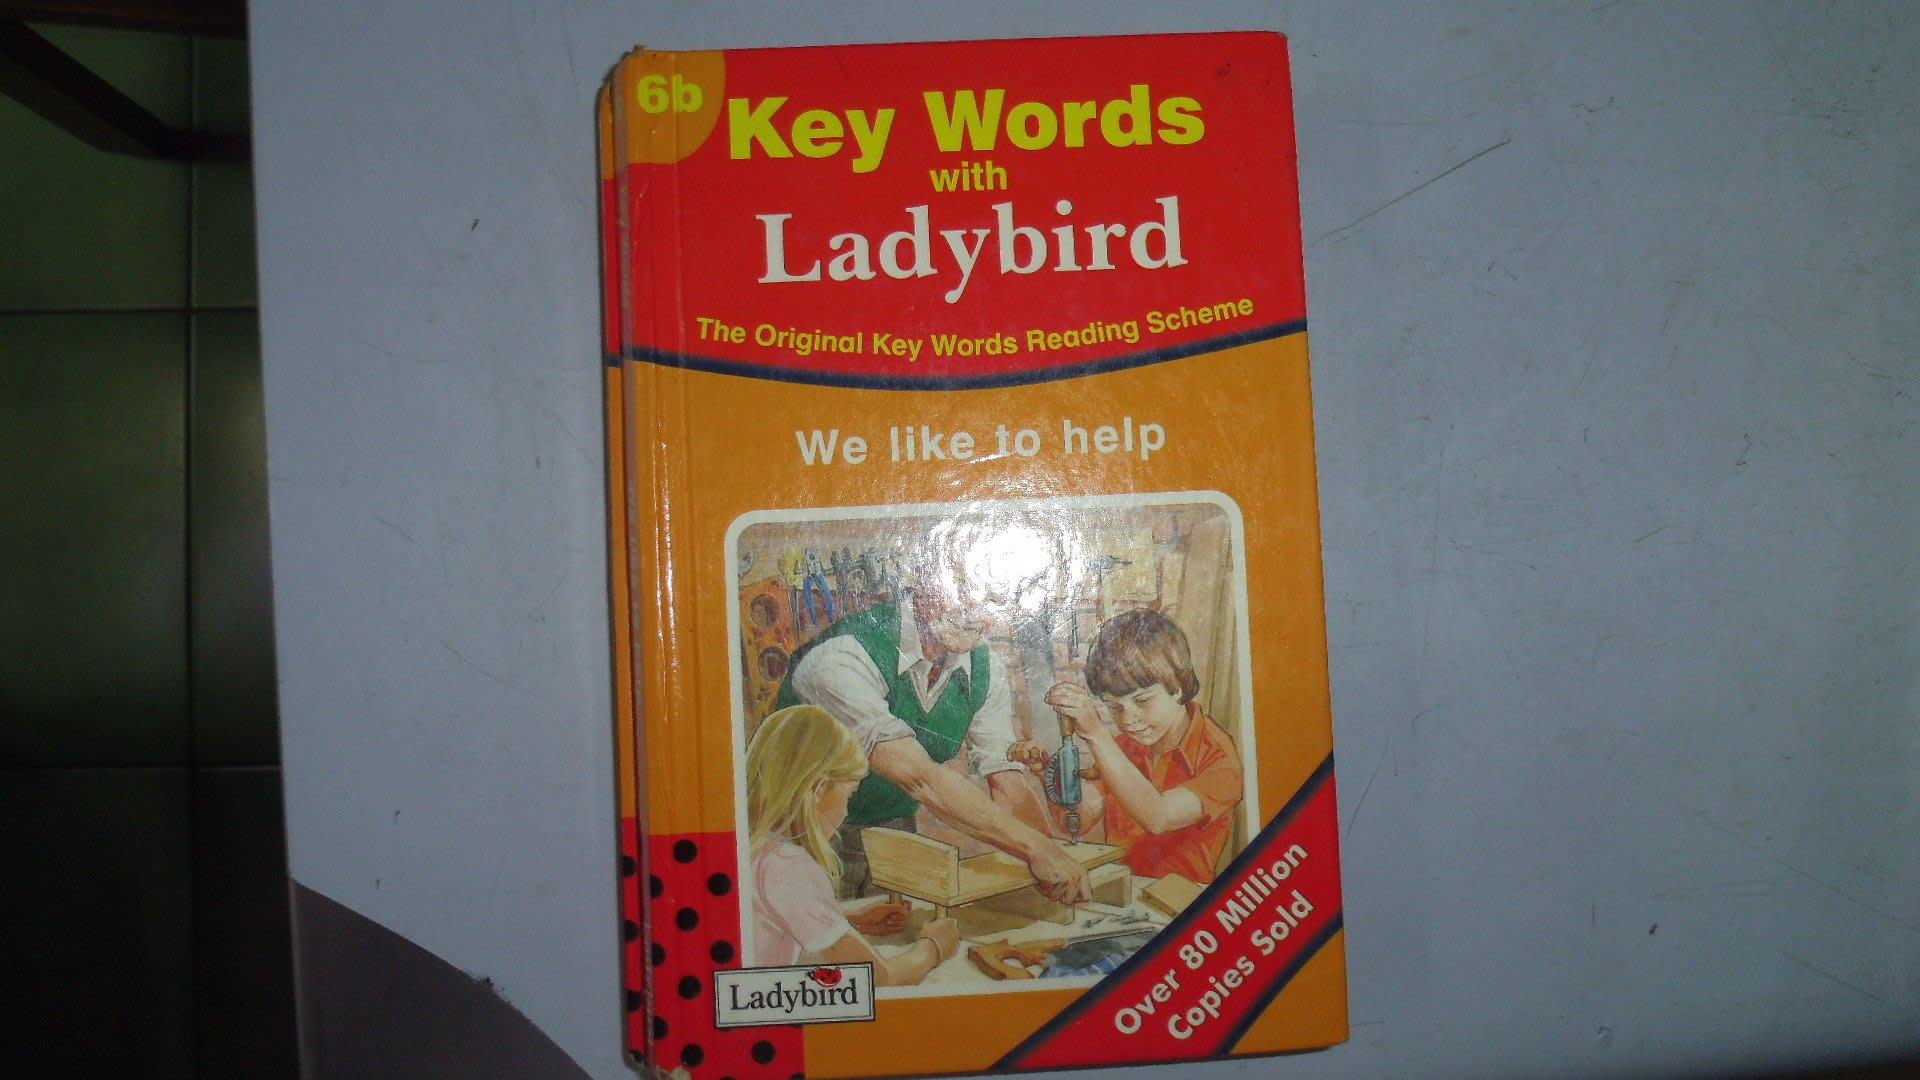 【媽咪二手書】6b Key We like to help 英文童書 有劃記 512